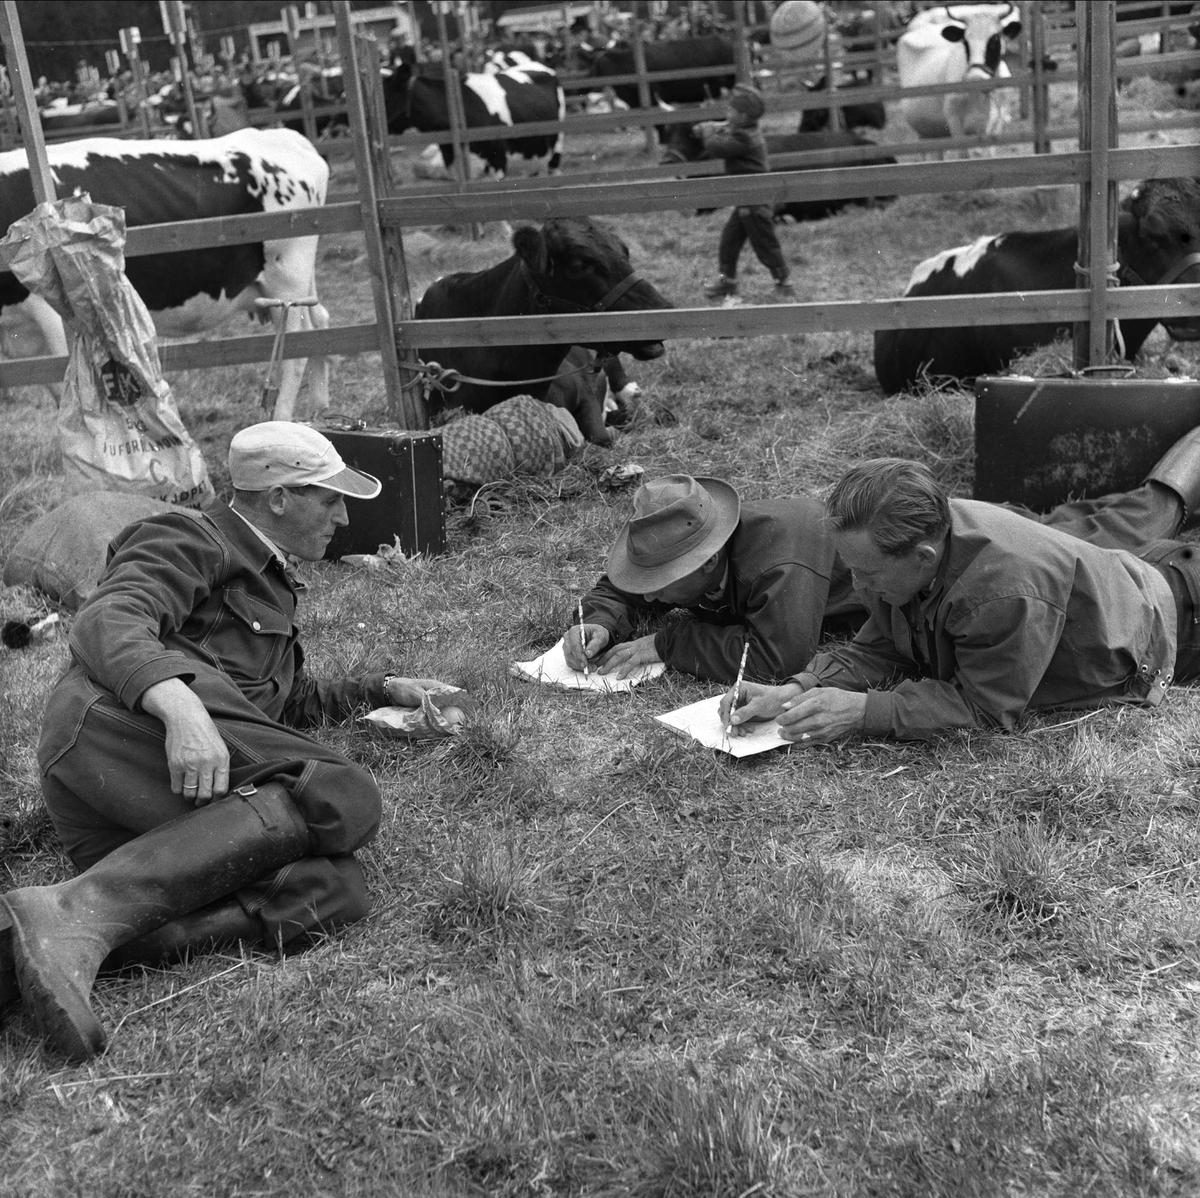 Tolga, Hedmark, 14.08.1958. Fesjå. Menn og kuer ligger på bakken.